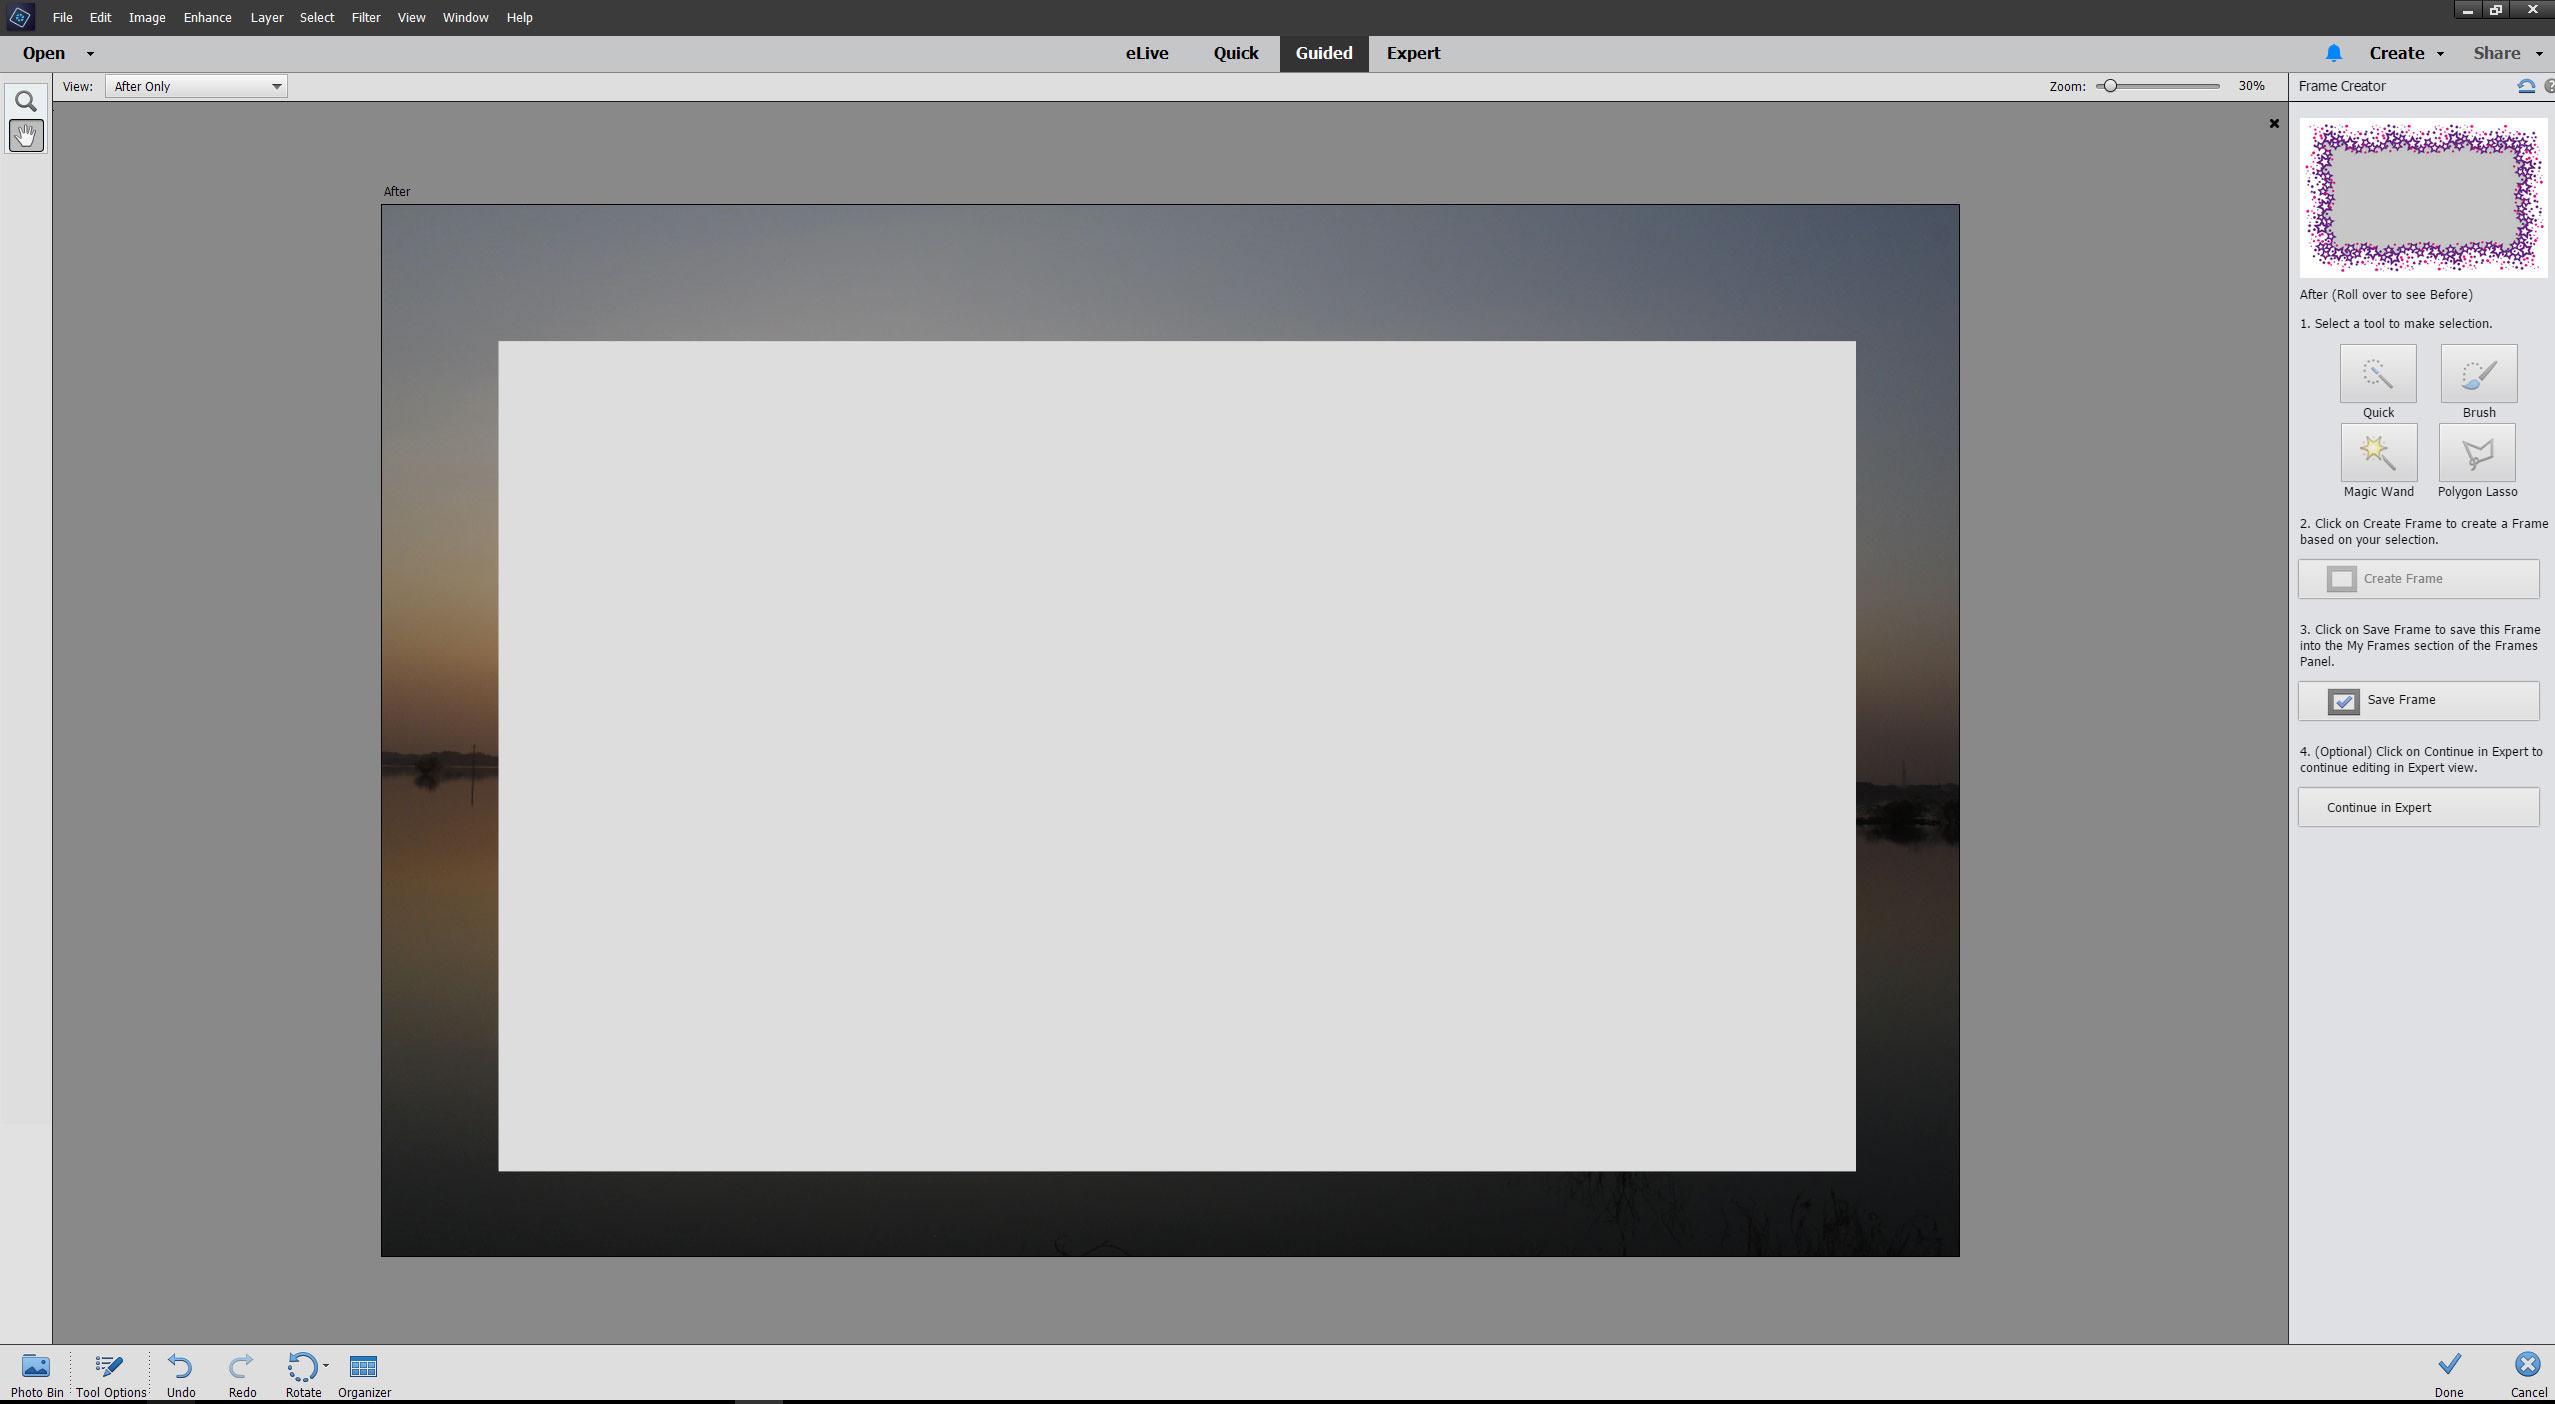 Adobe photoshop elements 15 review baditri Images